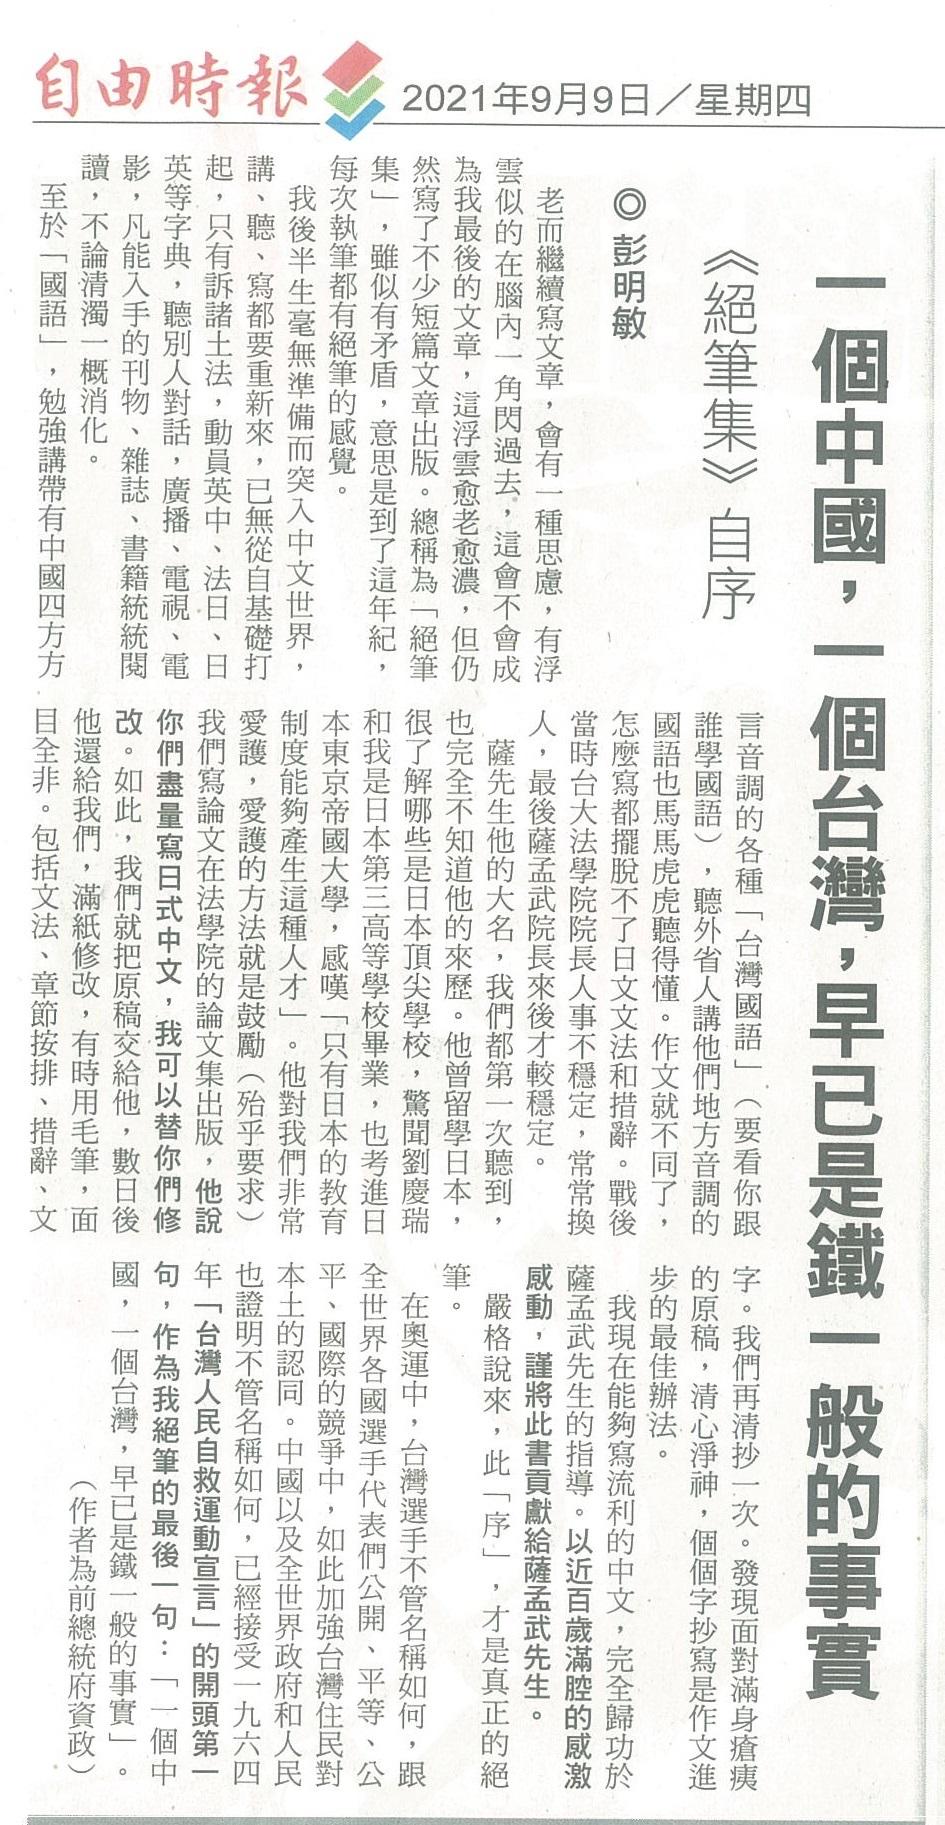 一個中國,一個台灣,早已是鐵一般的事實